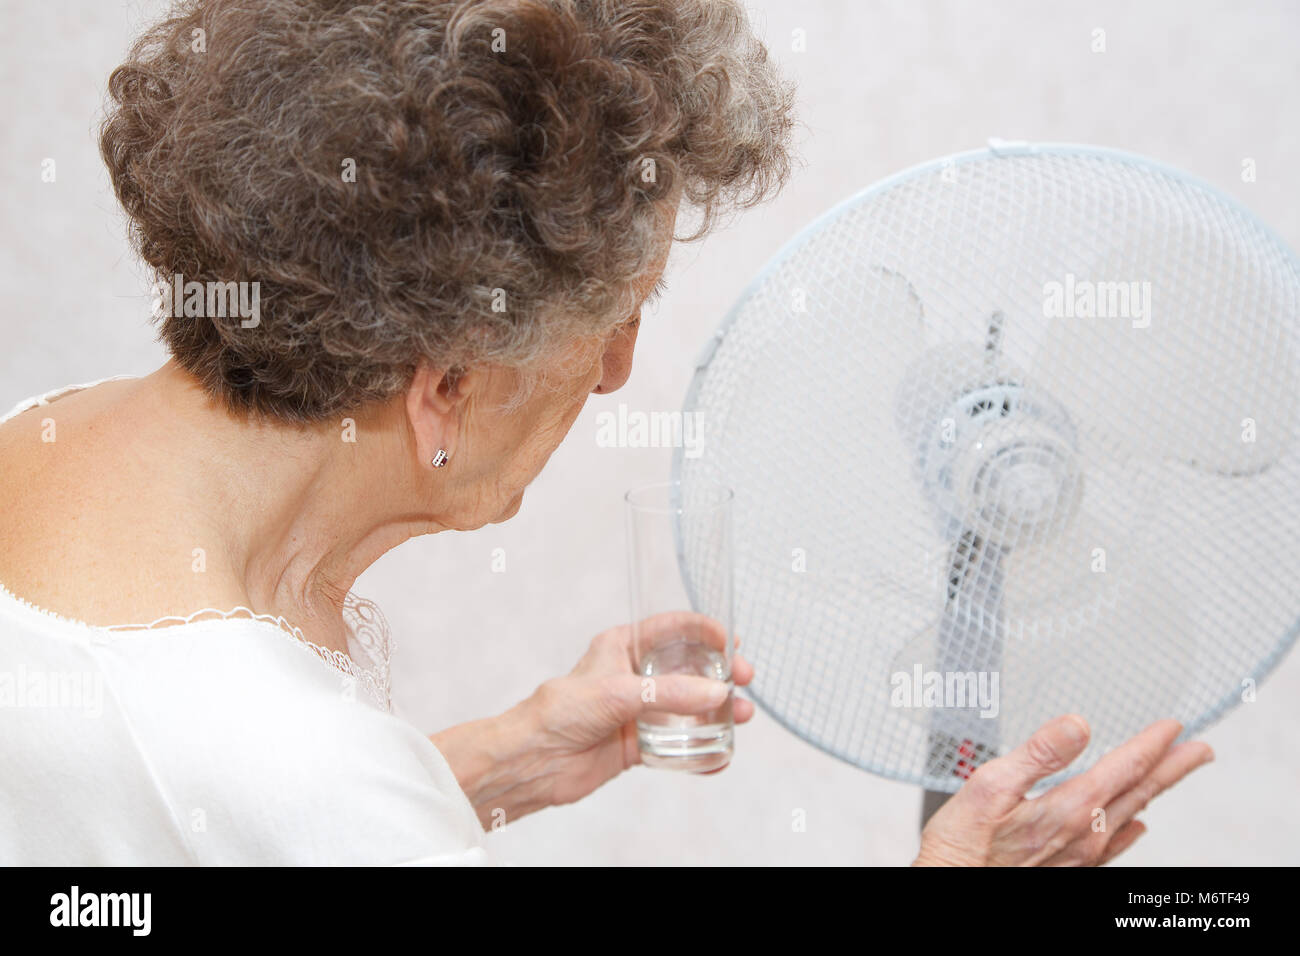 Hauts femme entre 70 et 80 ans reste proche des ventilateurs. Souffre de la chaleur Photo Stock